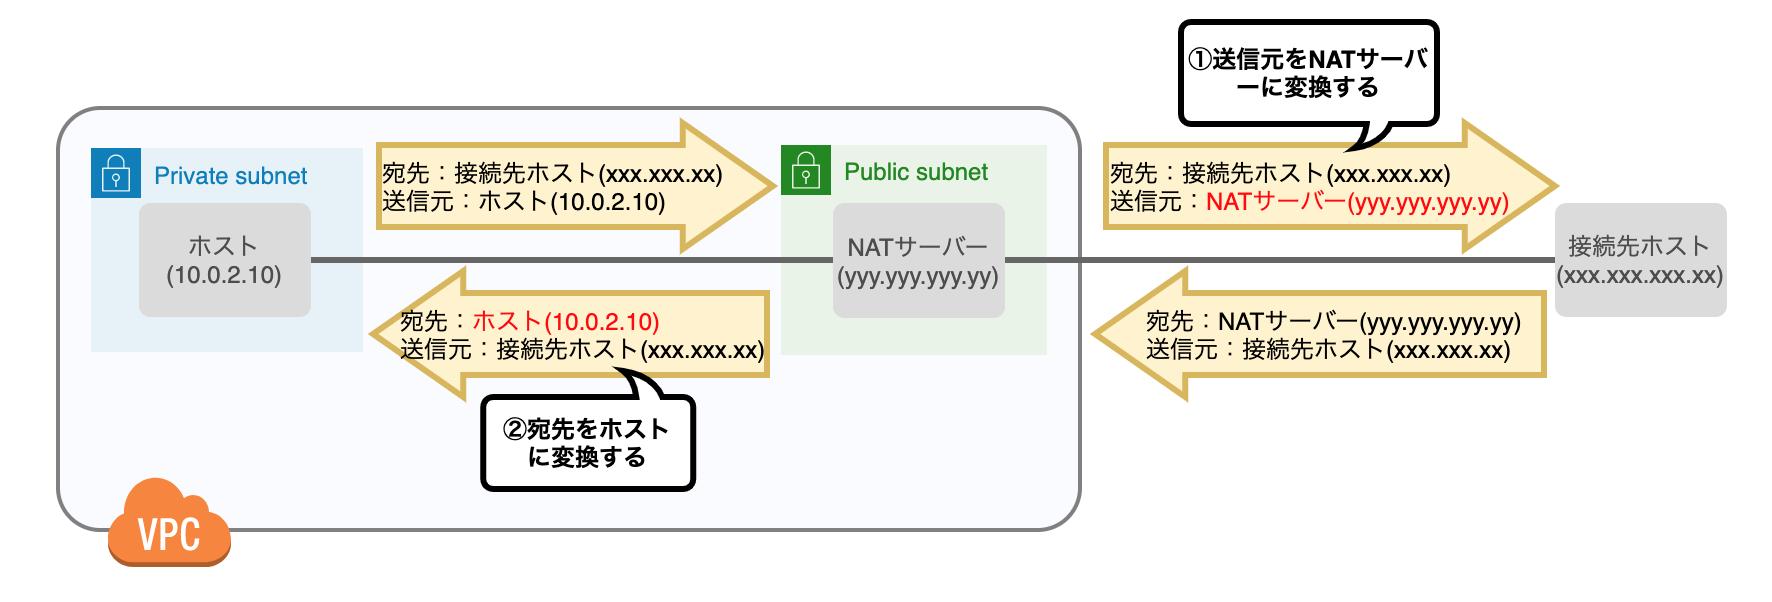 スクリーンショット 2020-05-05 1.47.44.png